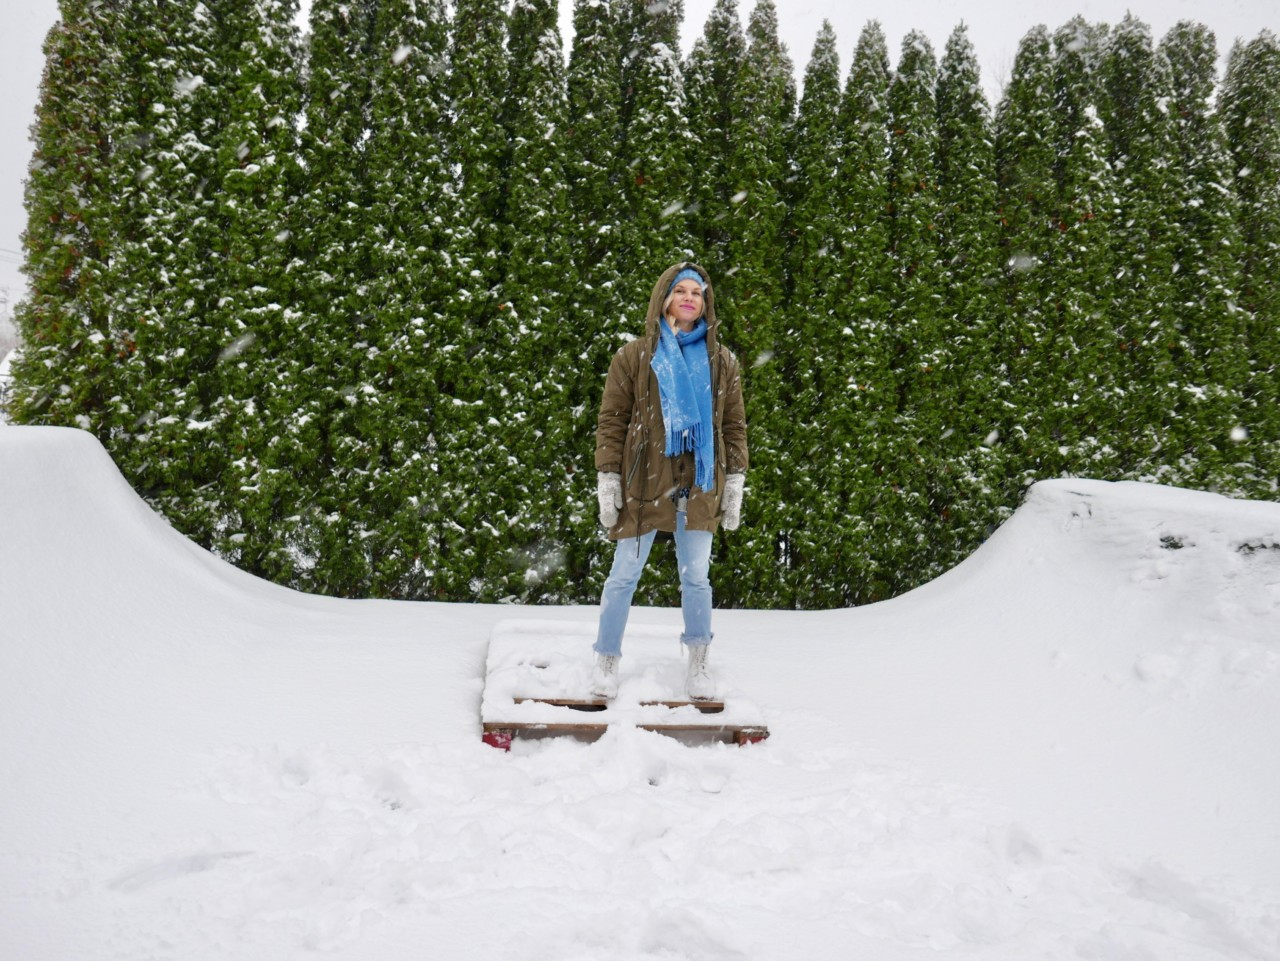 lene-gravdal-skate-rampe-green-house-guest-room